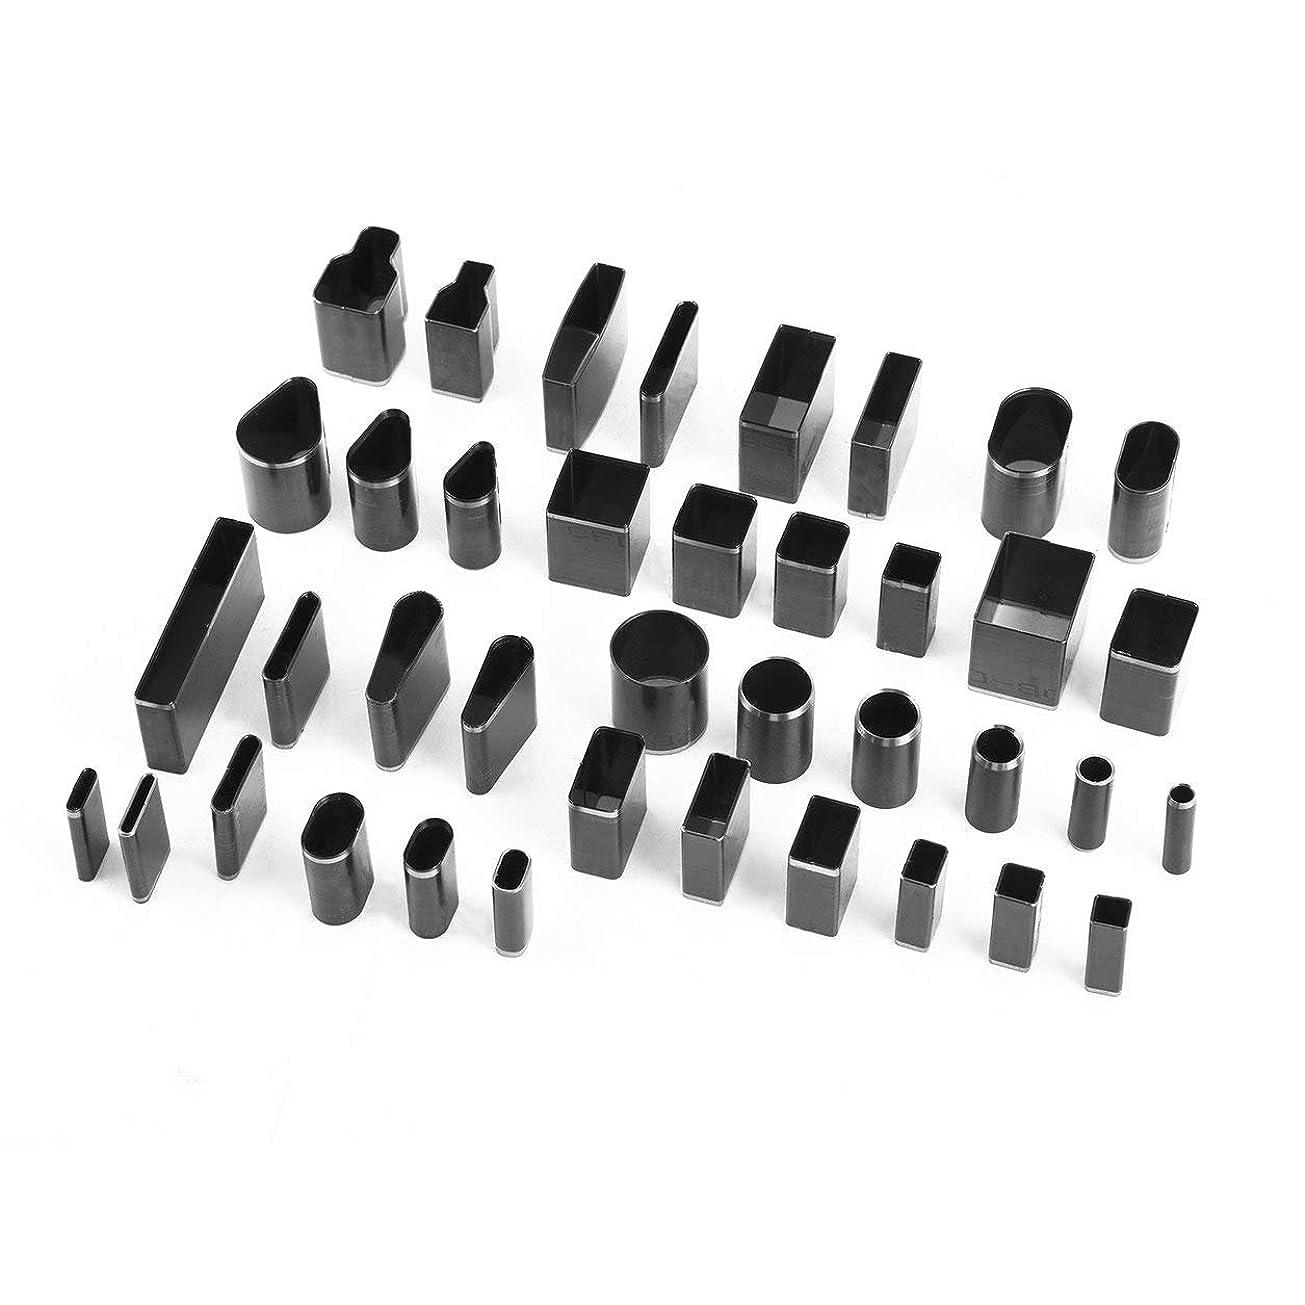 取り壊す自宅で好みSaikogoods 39pcs /電話ホルスターのための39図形スタイル穴中空カッターパンチメタルカッターパンチセット手作りのレザークラフトDIYツールの設定 黒